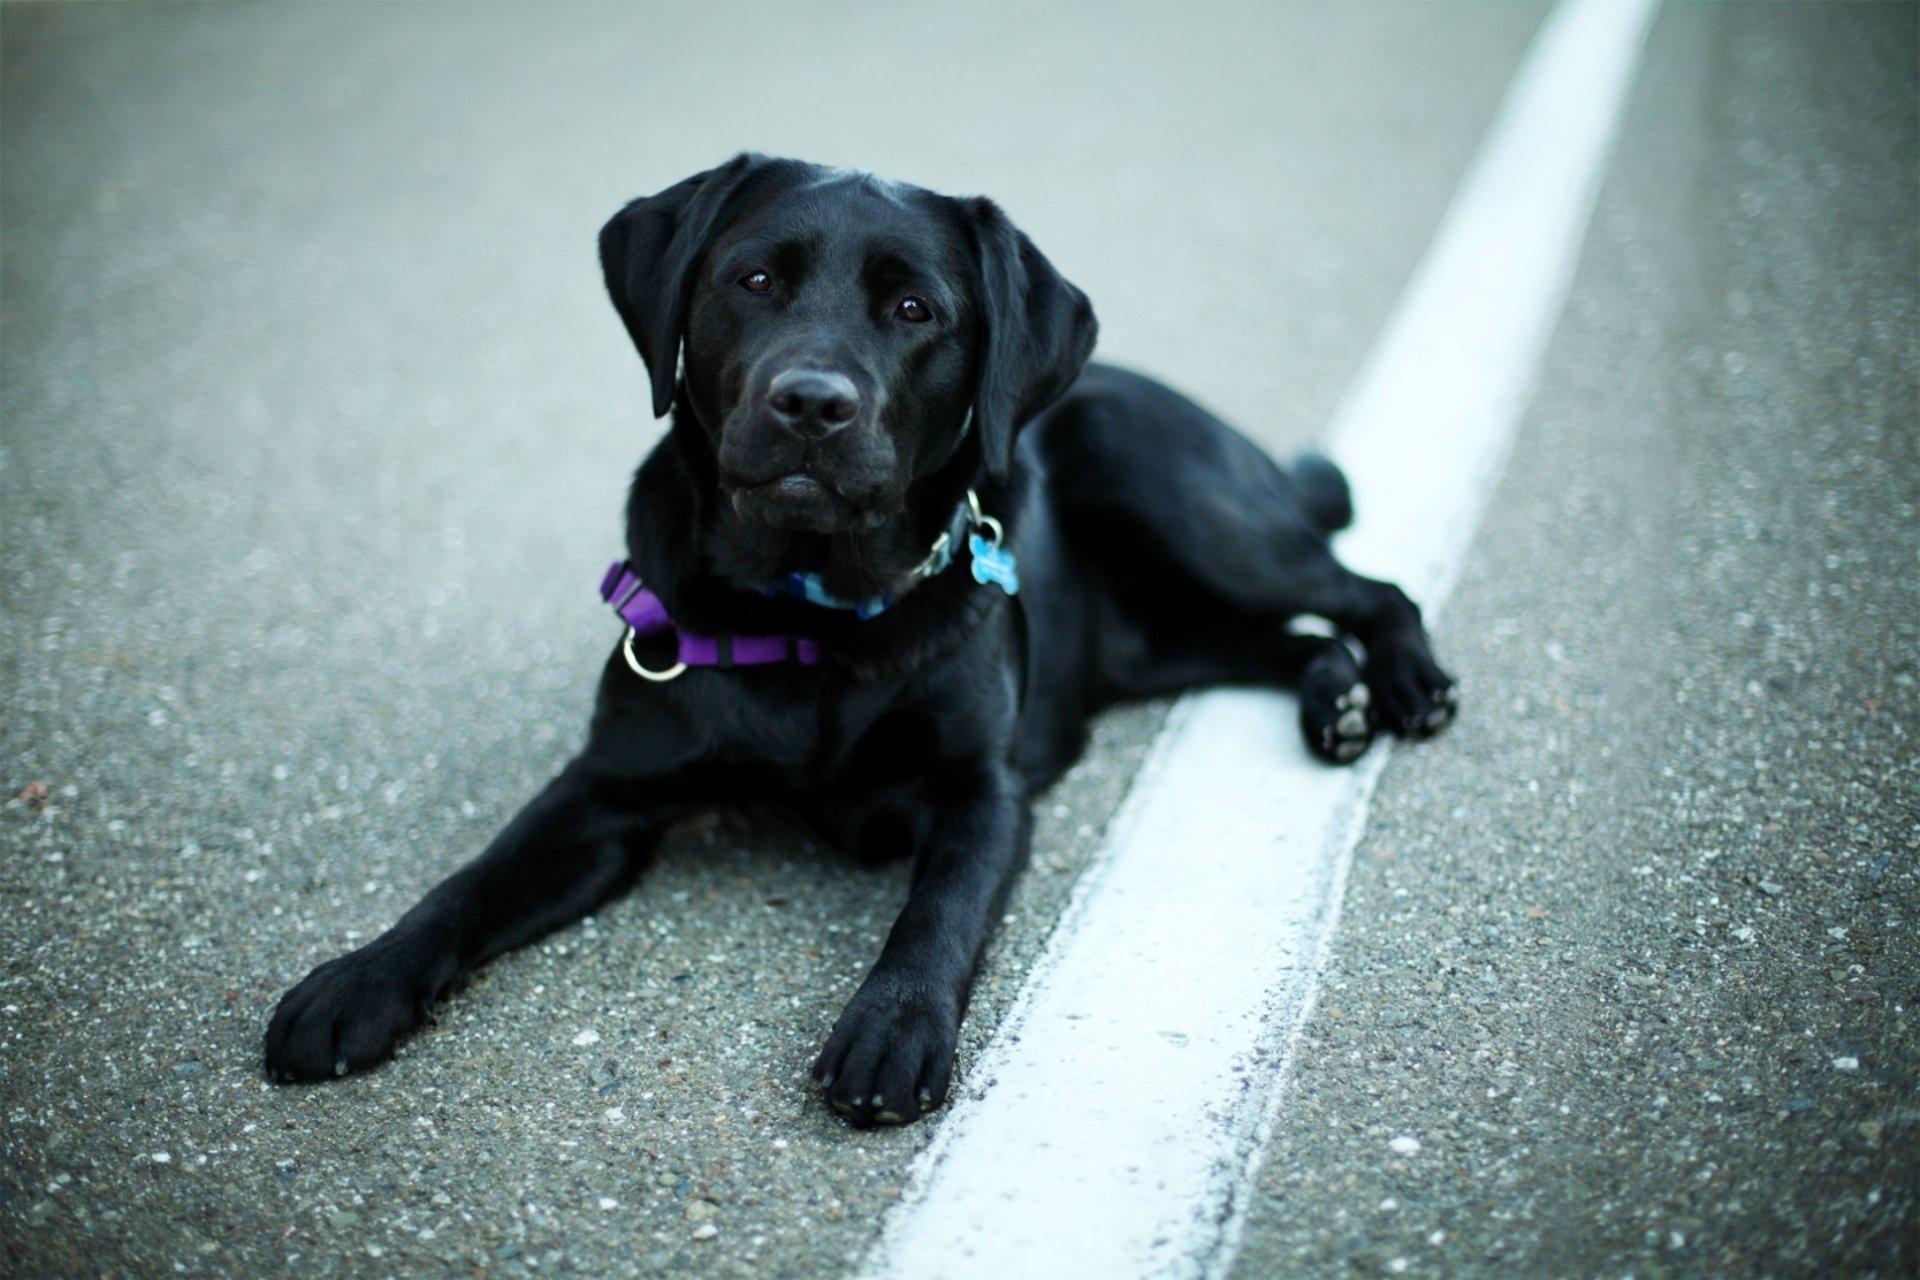 собаки лабрадор фото чёрный